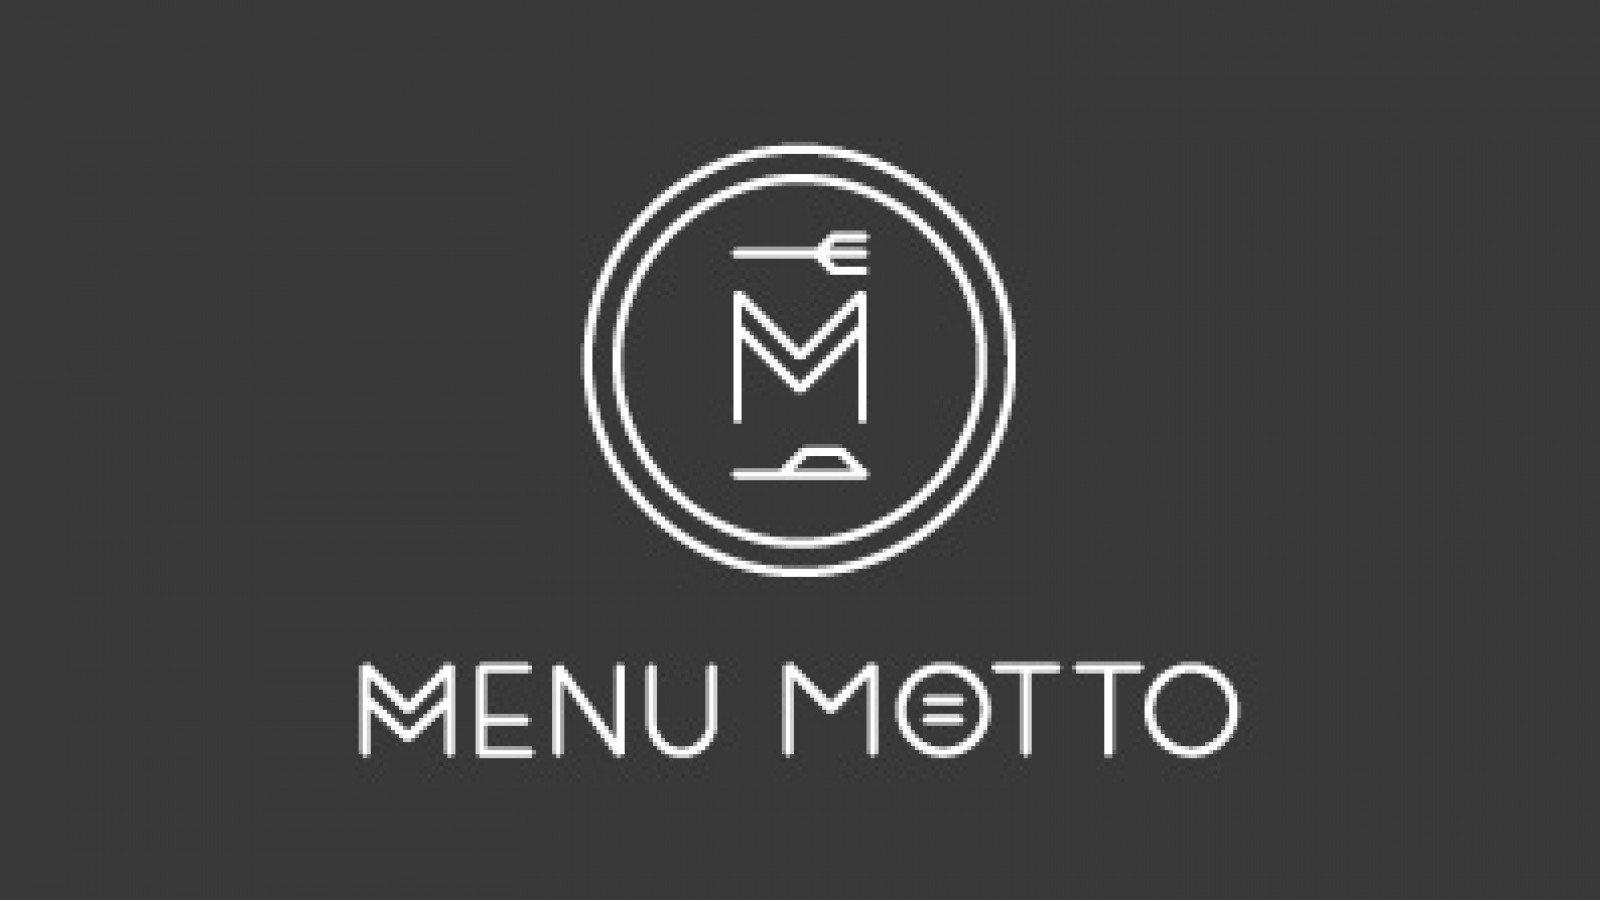 Restauracja We Wrocławiu Menu Motto Bankiety Wrocław